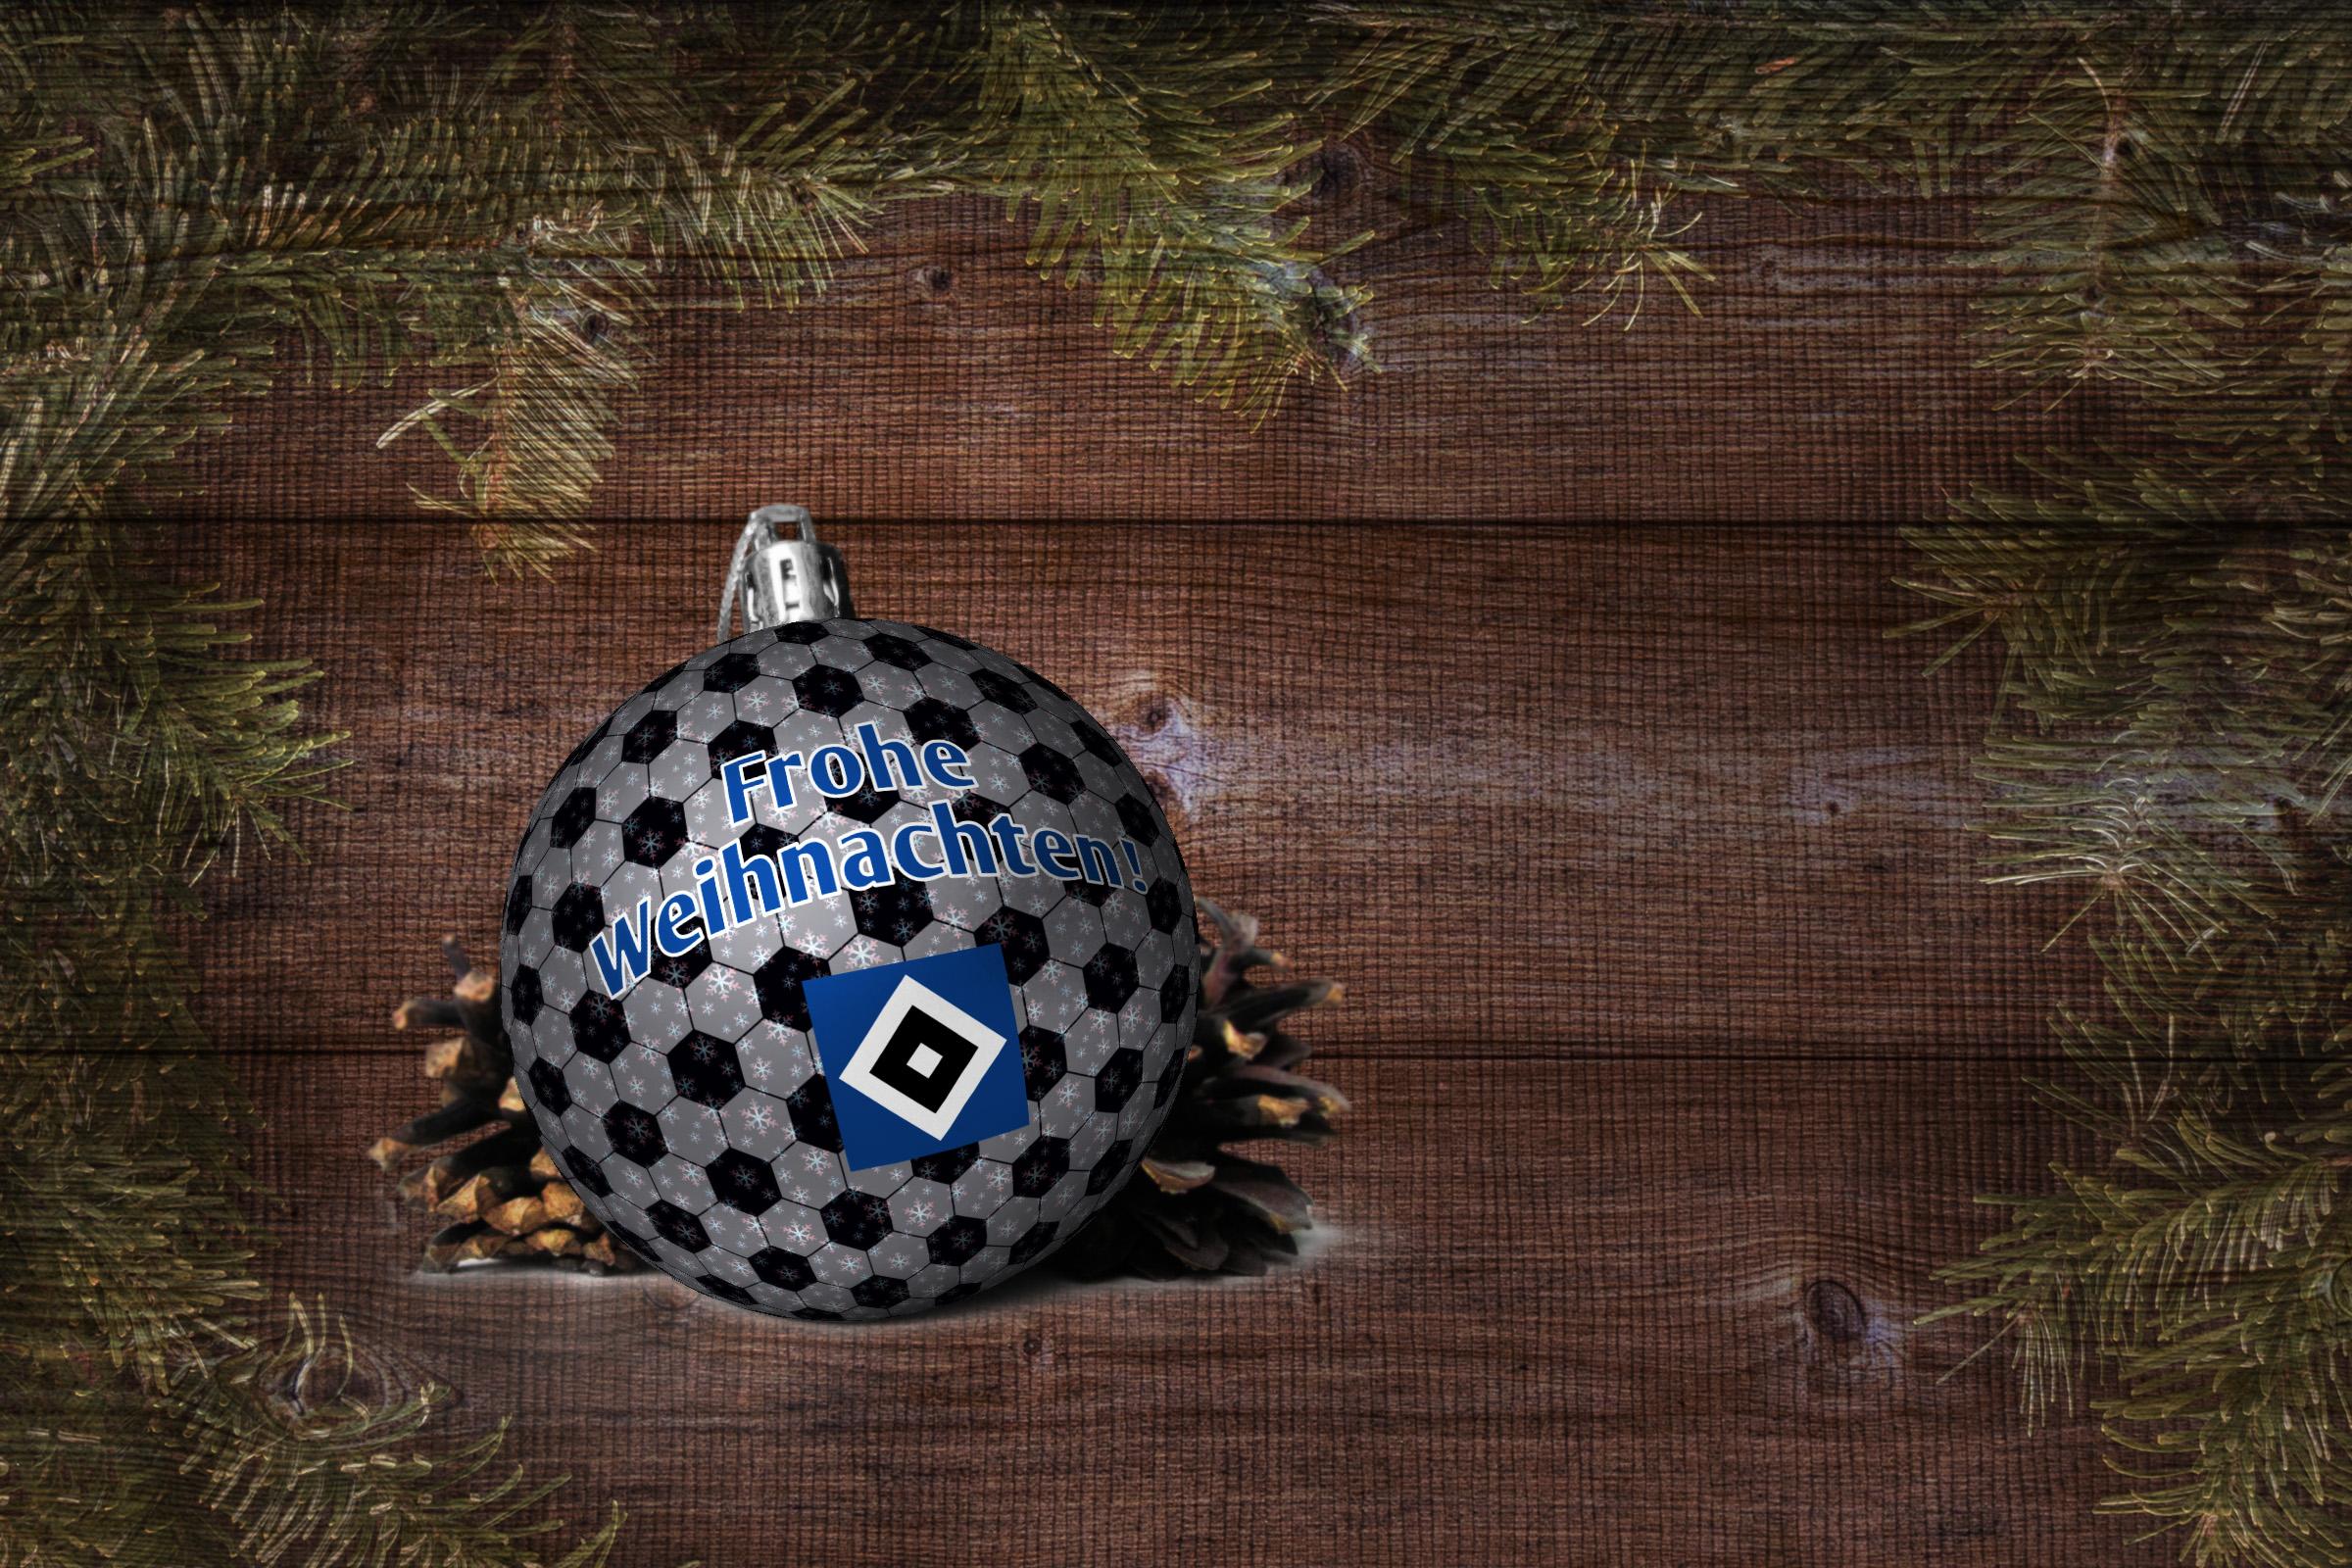 Hsv Weihnachtskugeln.Frohe Weihnachten Hsv